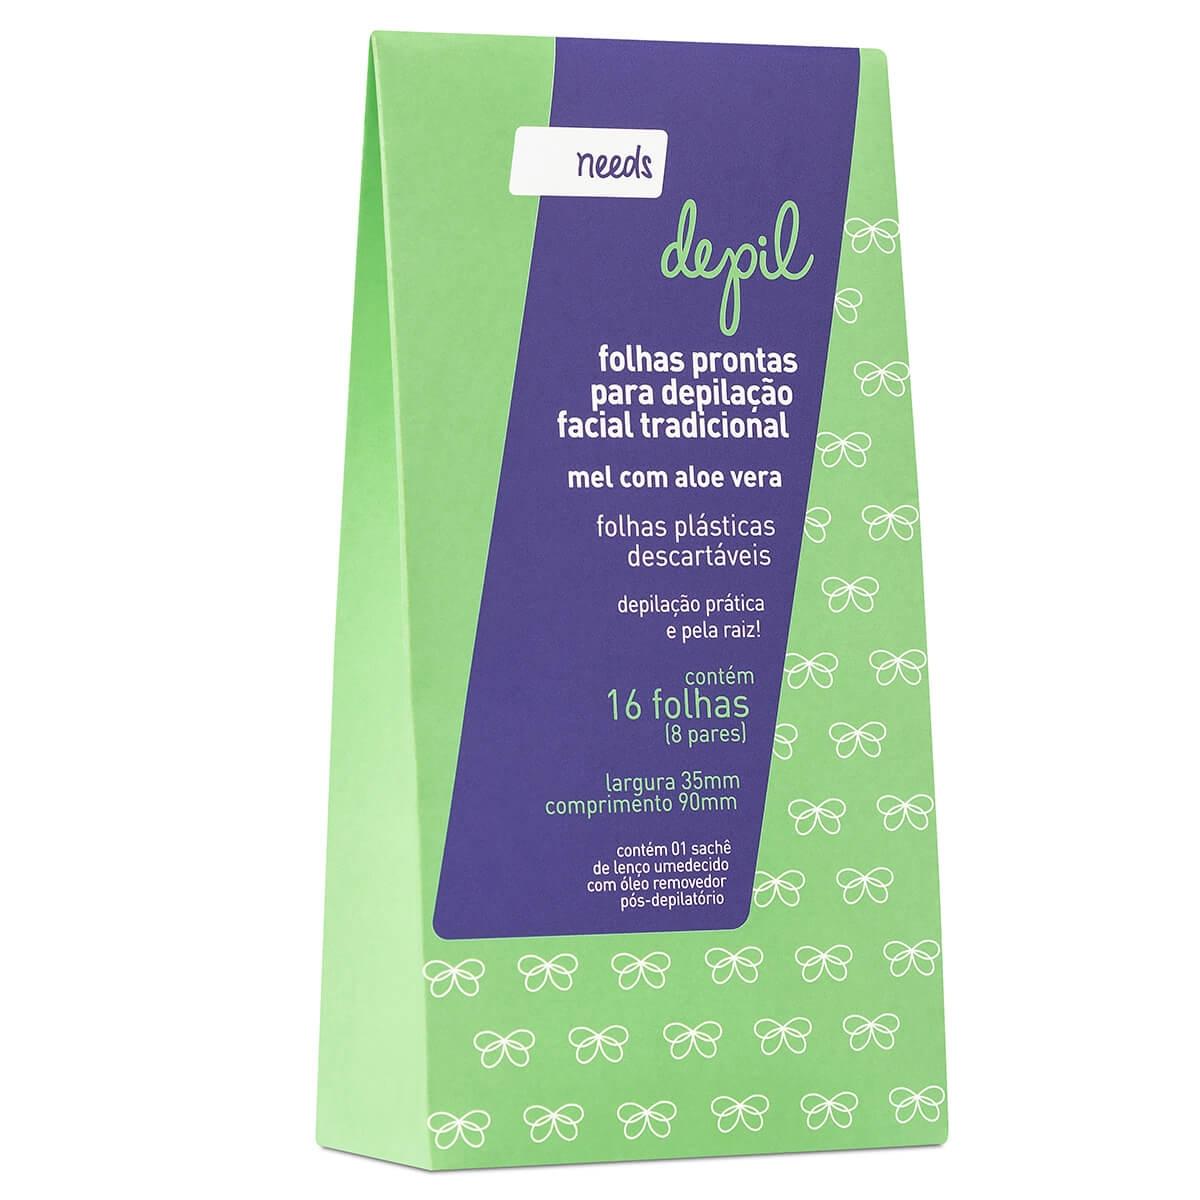 Folhas Prontas para Depilação Facial Needs Mel com Aloe Vera 16 Unidades